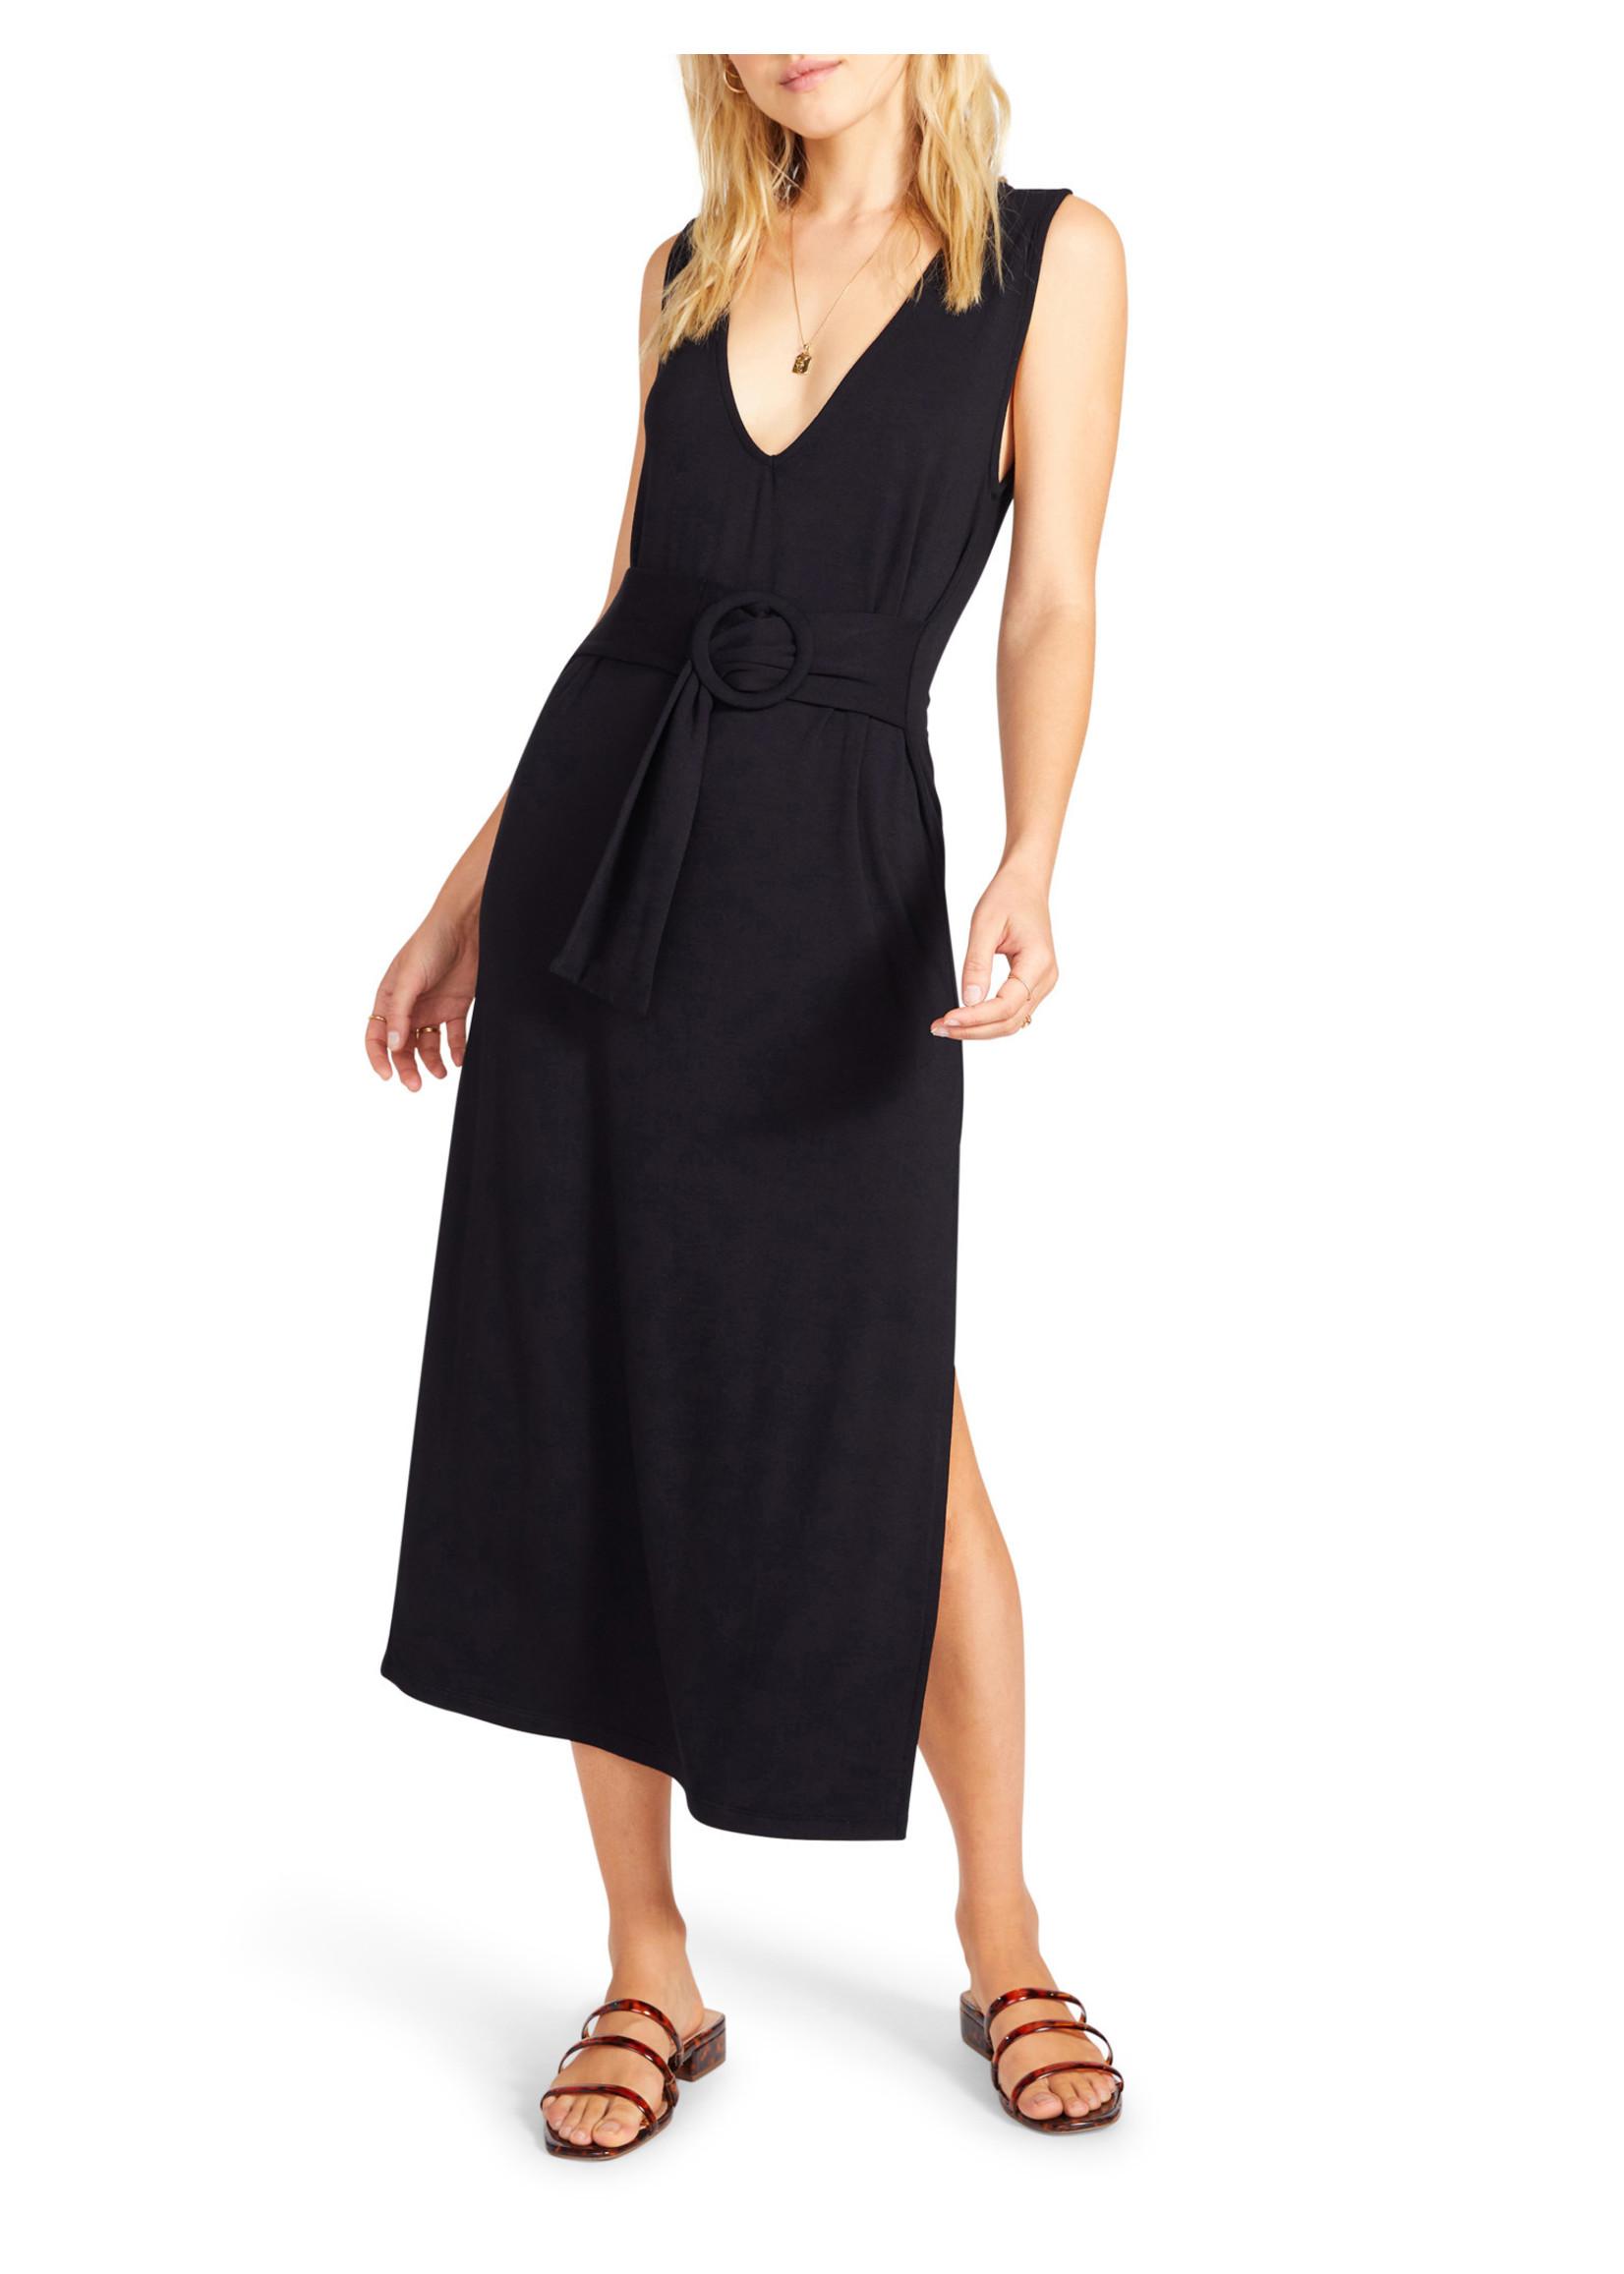 BB Dakota Fever Dream Dress - BL208134